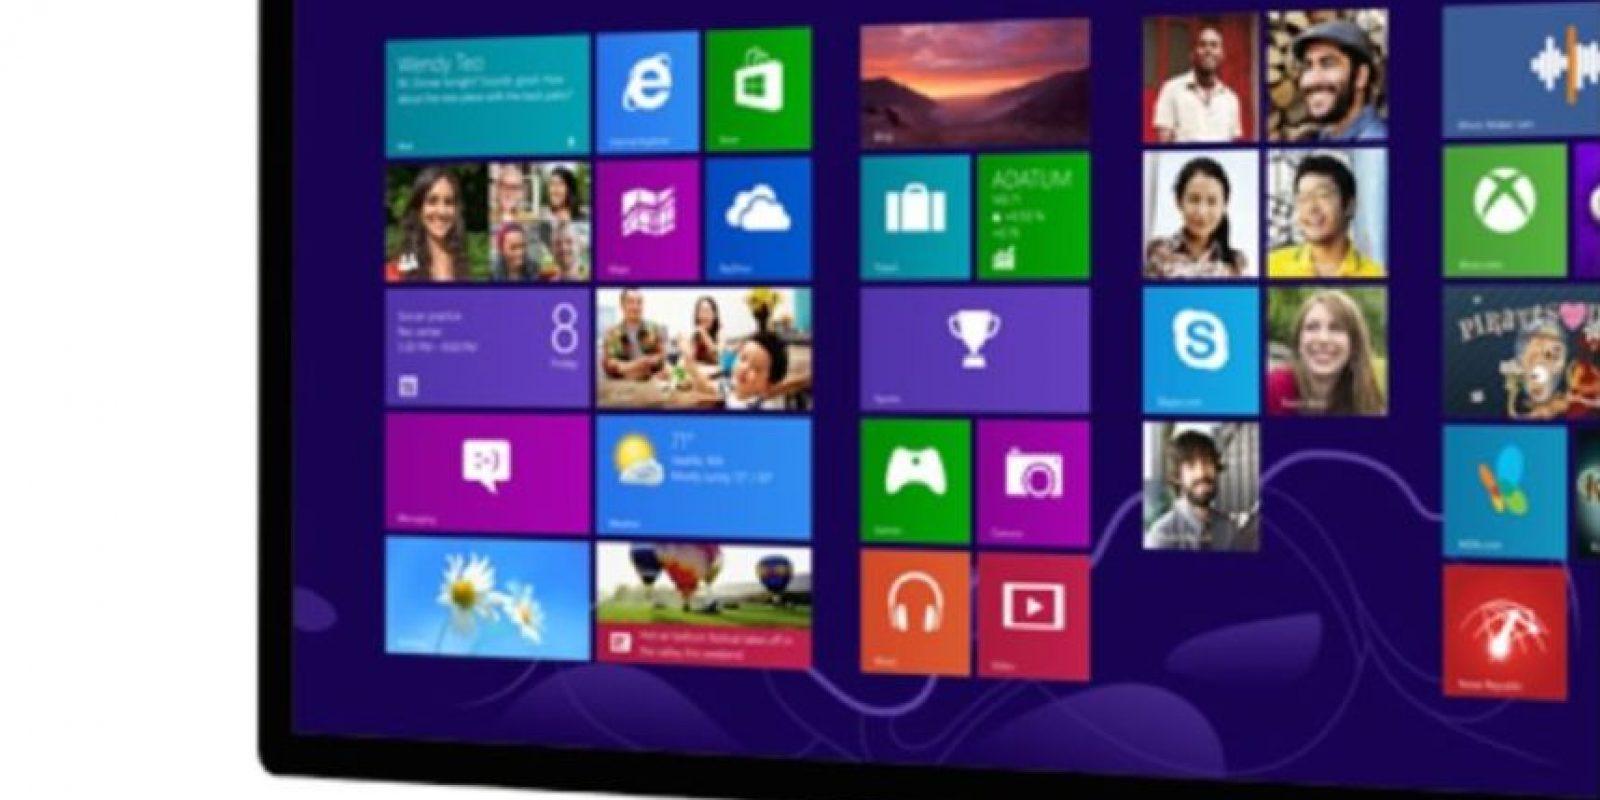 Simplemente para iniciar otra, con nuevos diseños y nuevas propuestas. Así es como llegó el Windows 8. Foto:Vía windows.microsoft.com